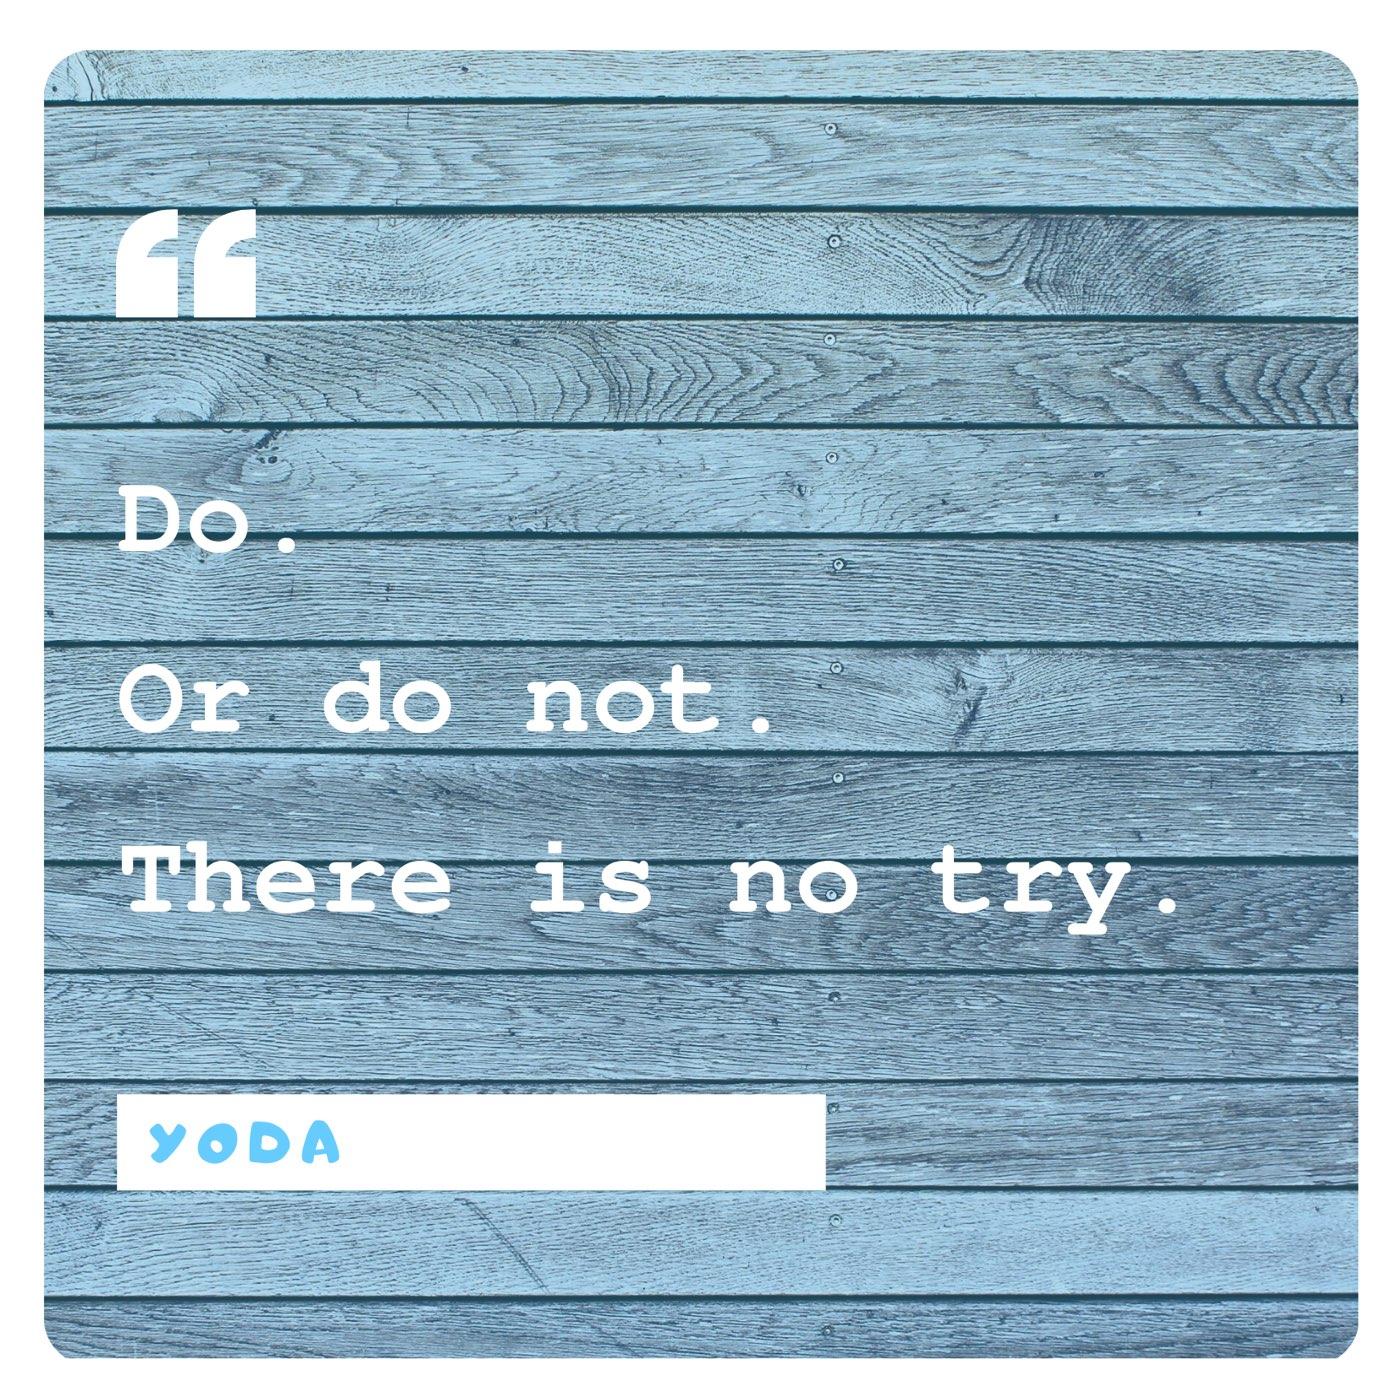 Yoda: Do.